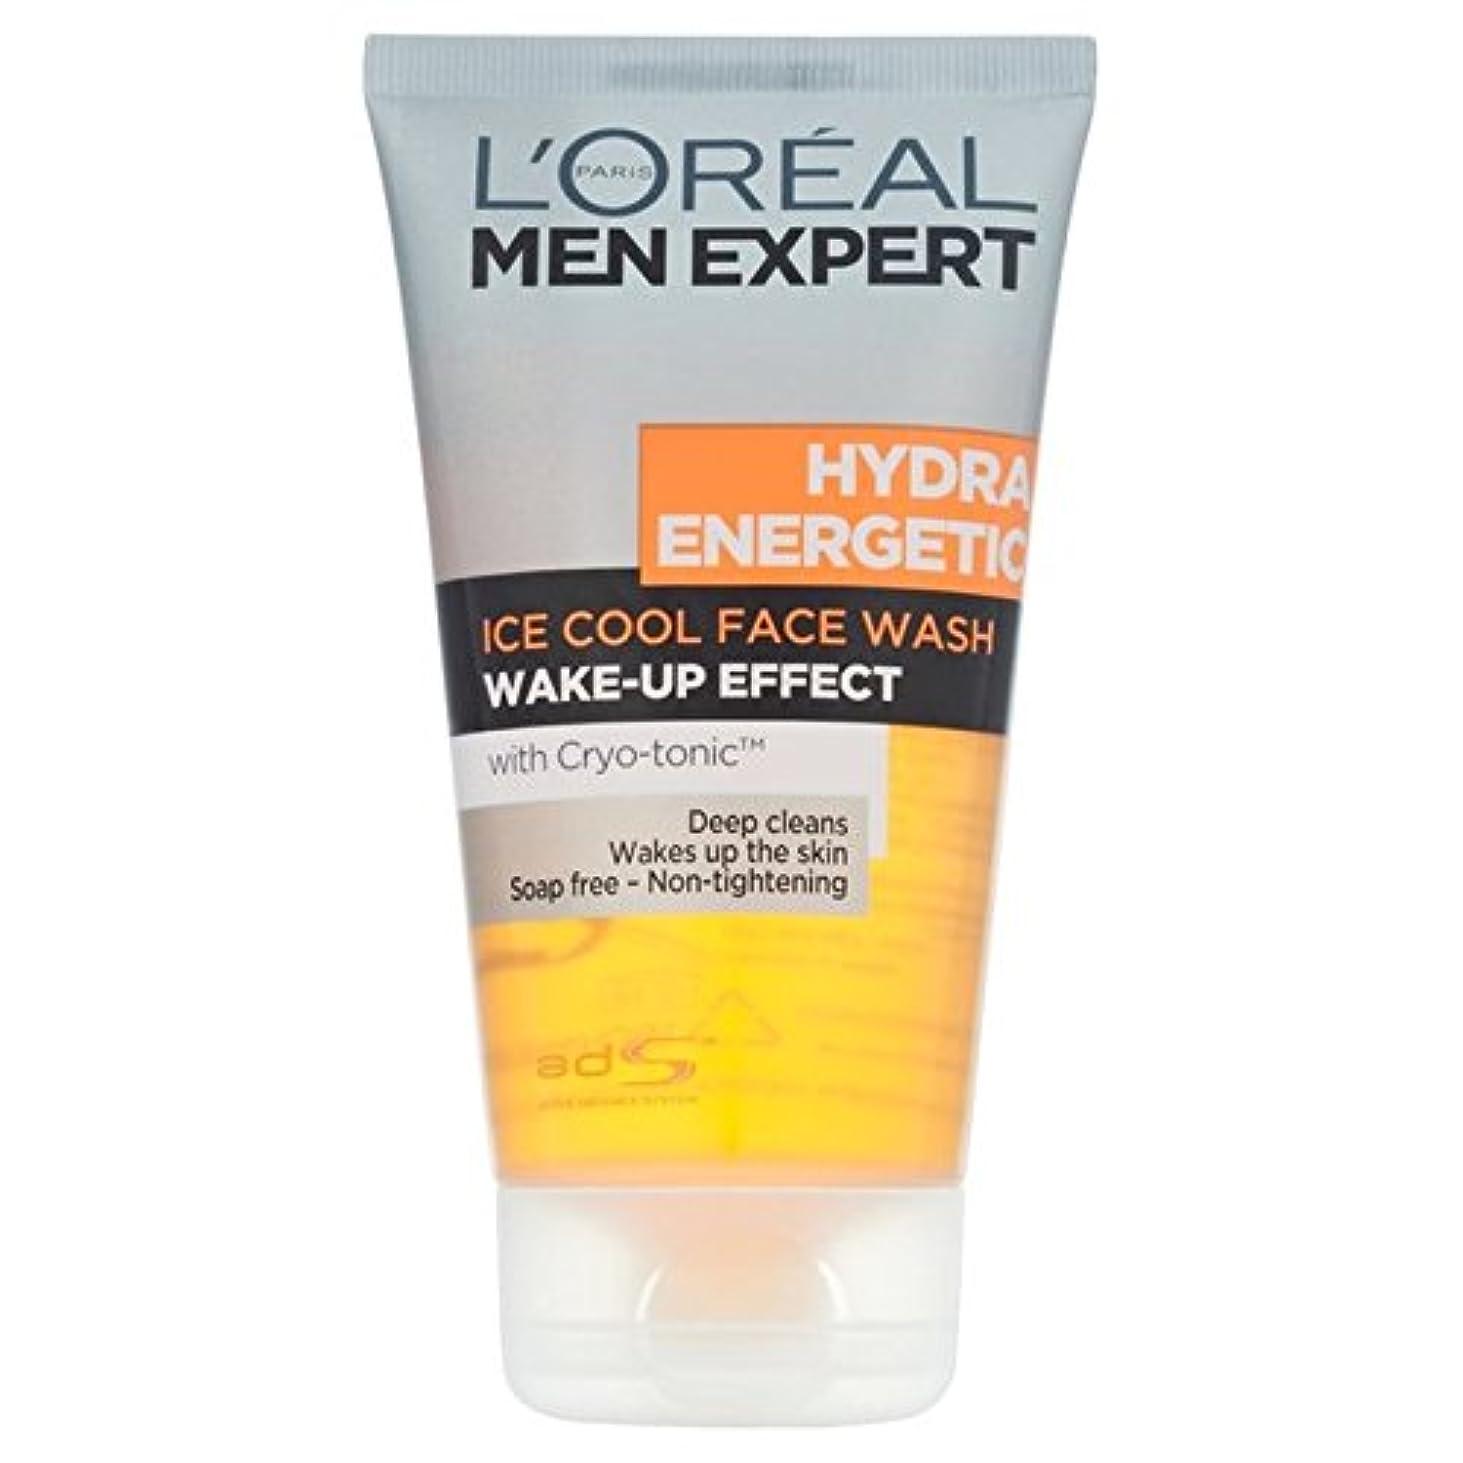 すなわち欺傑作ロレアルの男性の専門家ヒドラエネルギッシュな発泡クレンジングジェル150 x4 - L'Oreal Men Expert Hydra Energetic Foaming Cleansing Gel 150ml (Pack of 4) [並行輸入品]